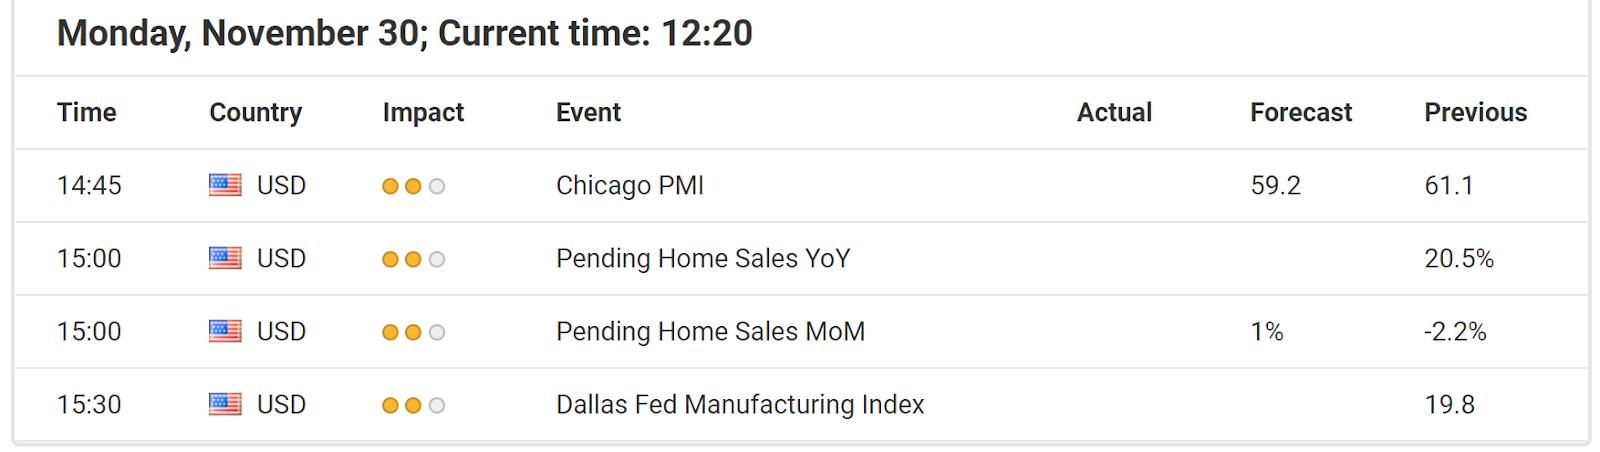 Economic Events November 30